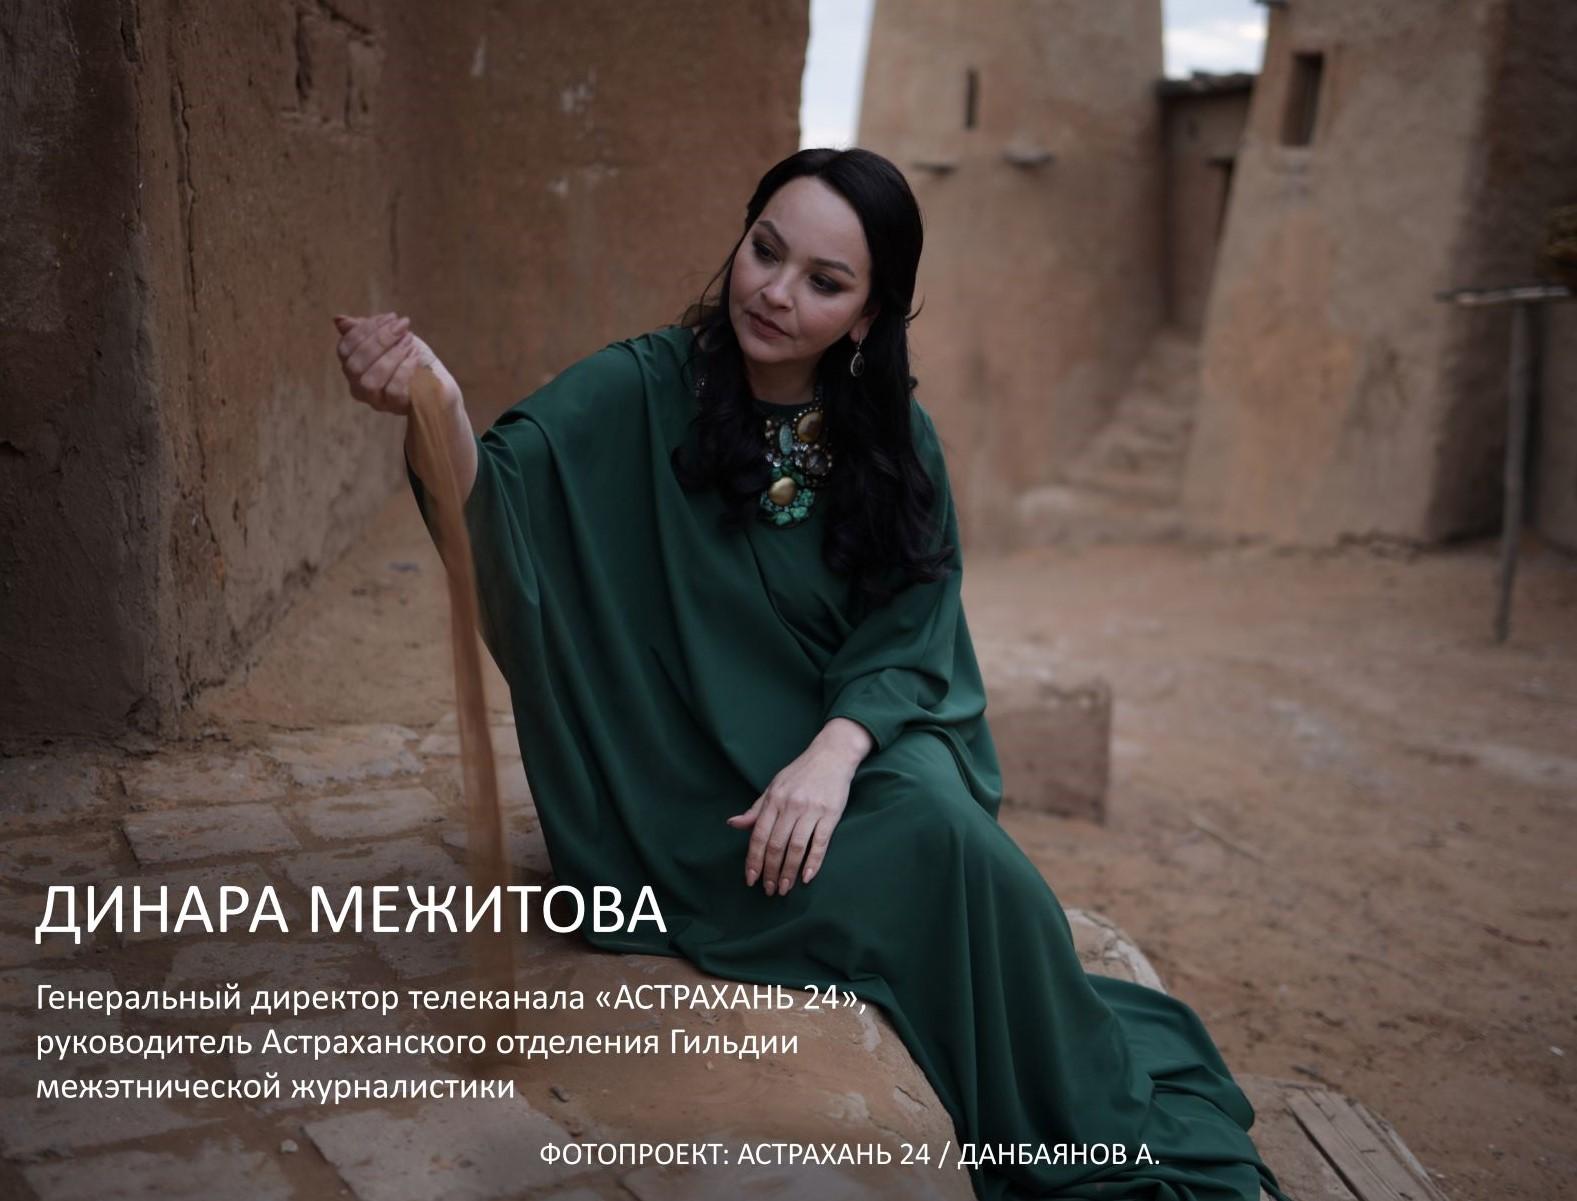 Мы родом из Астрахани. Динара